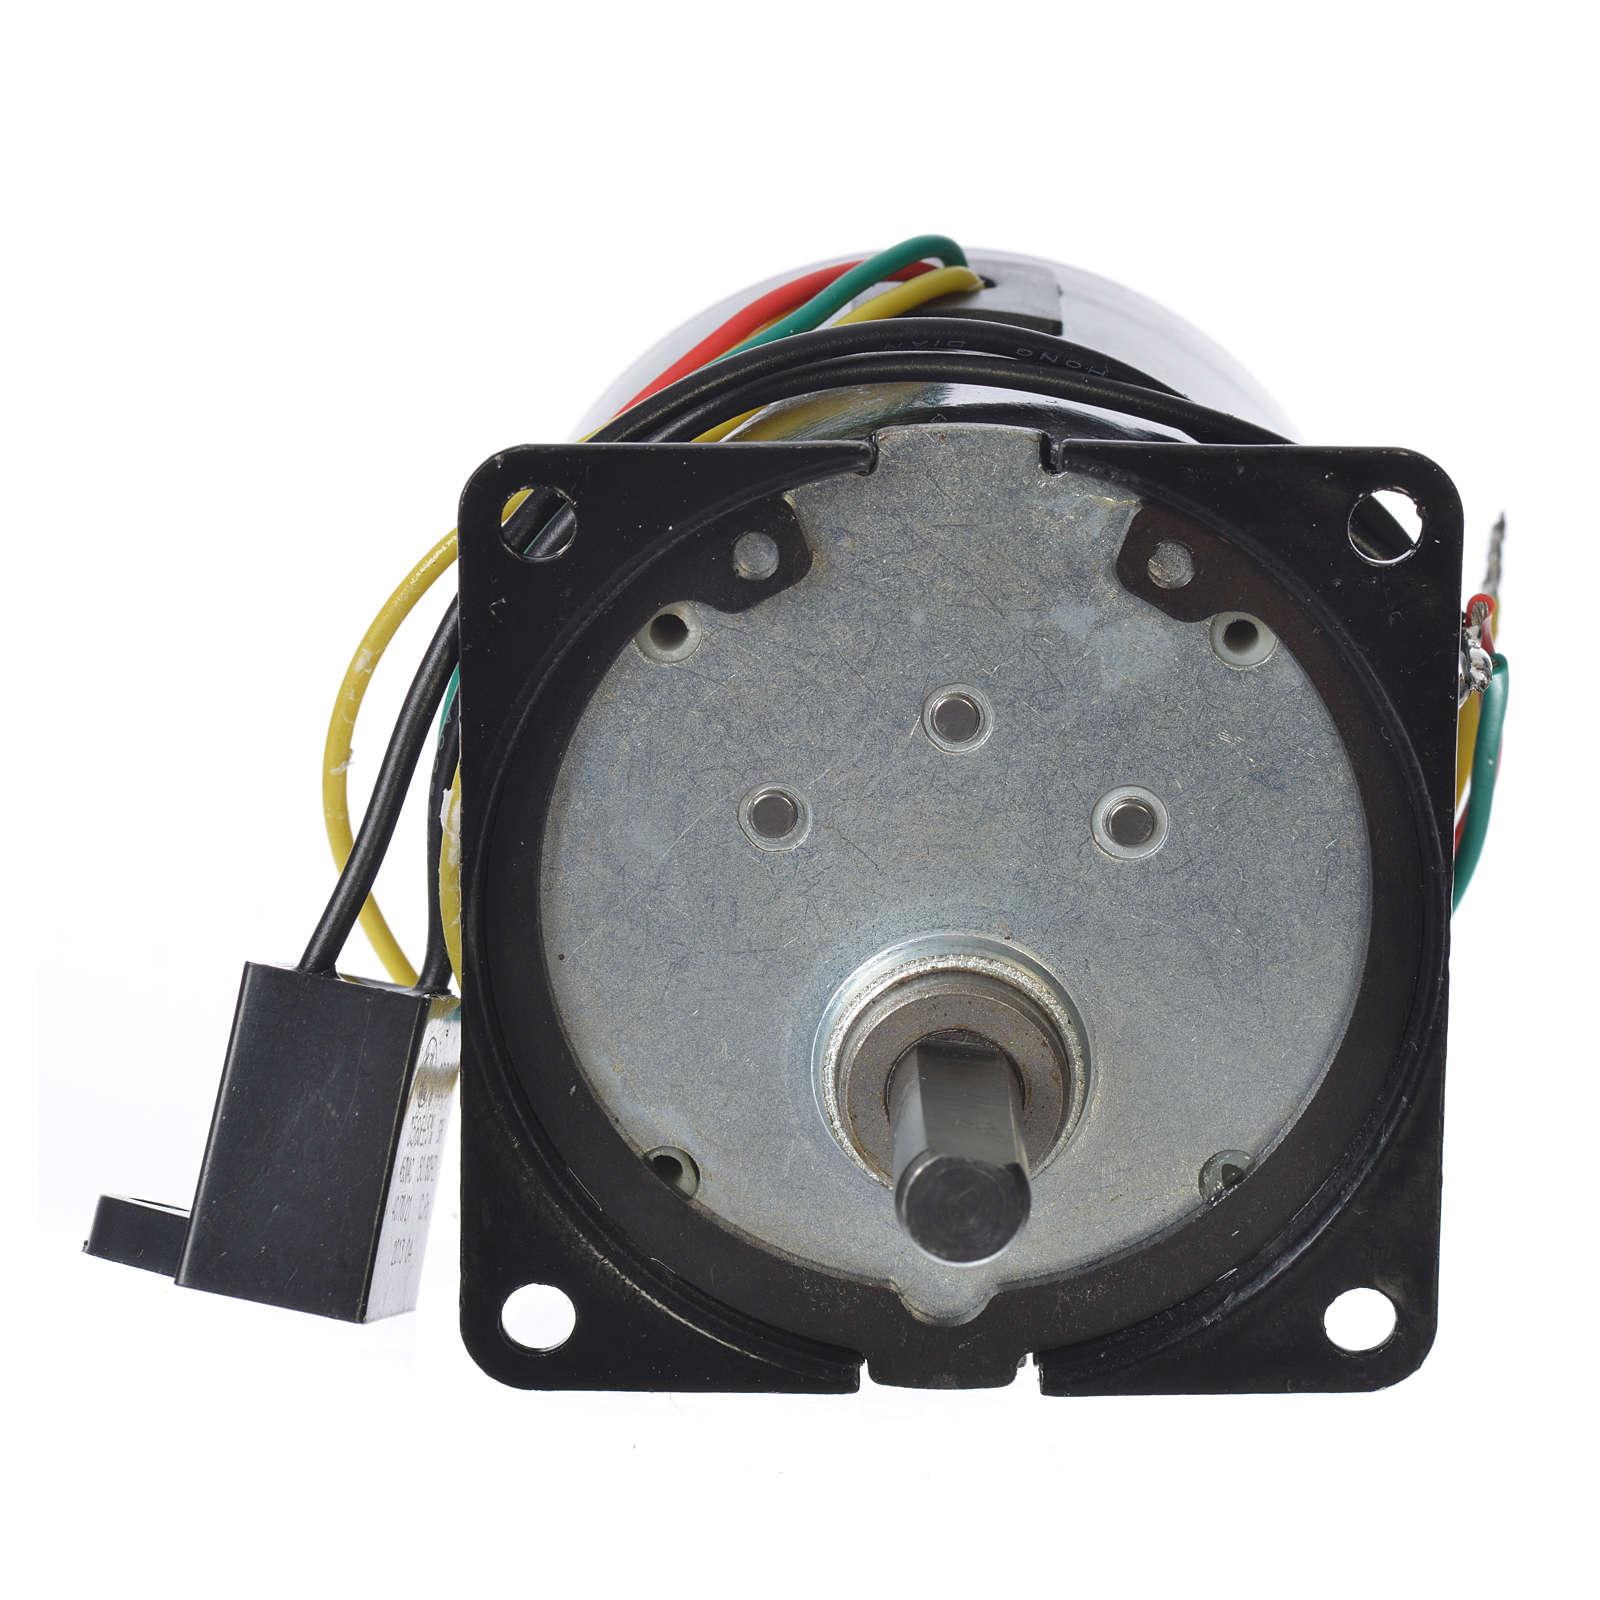 Motoreduktor MPW 2.5 obr/min szopka 4